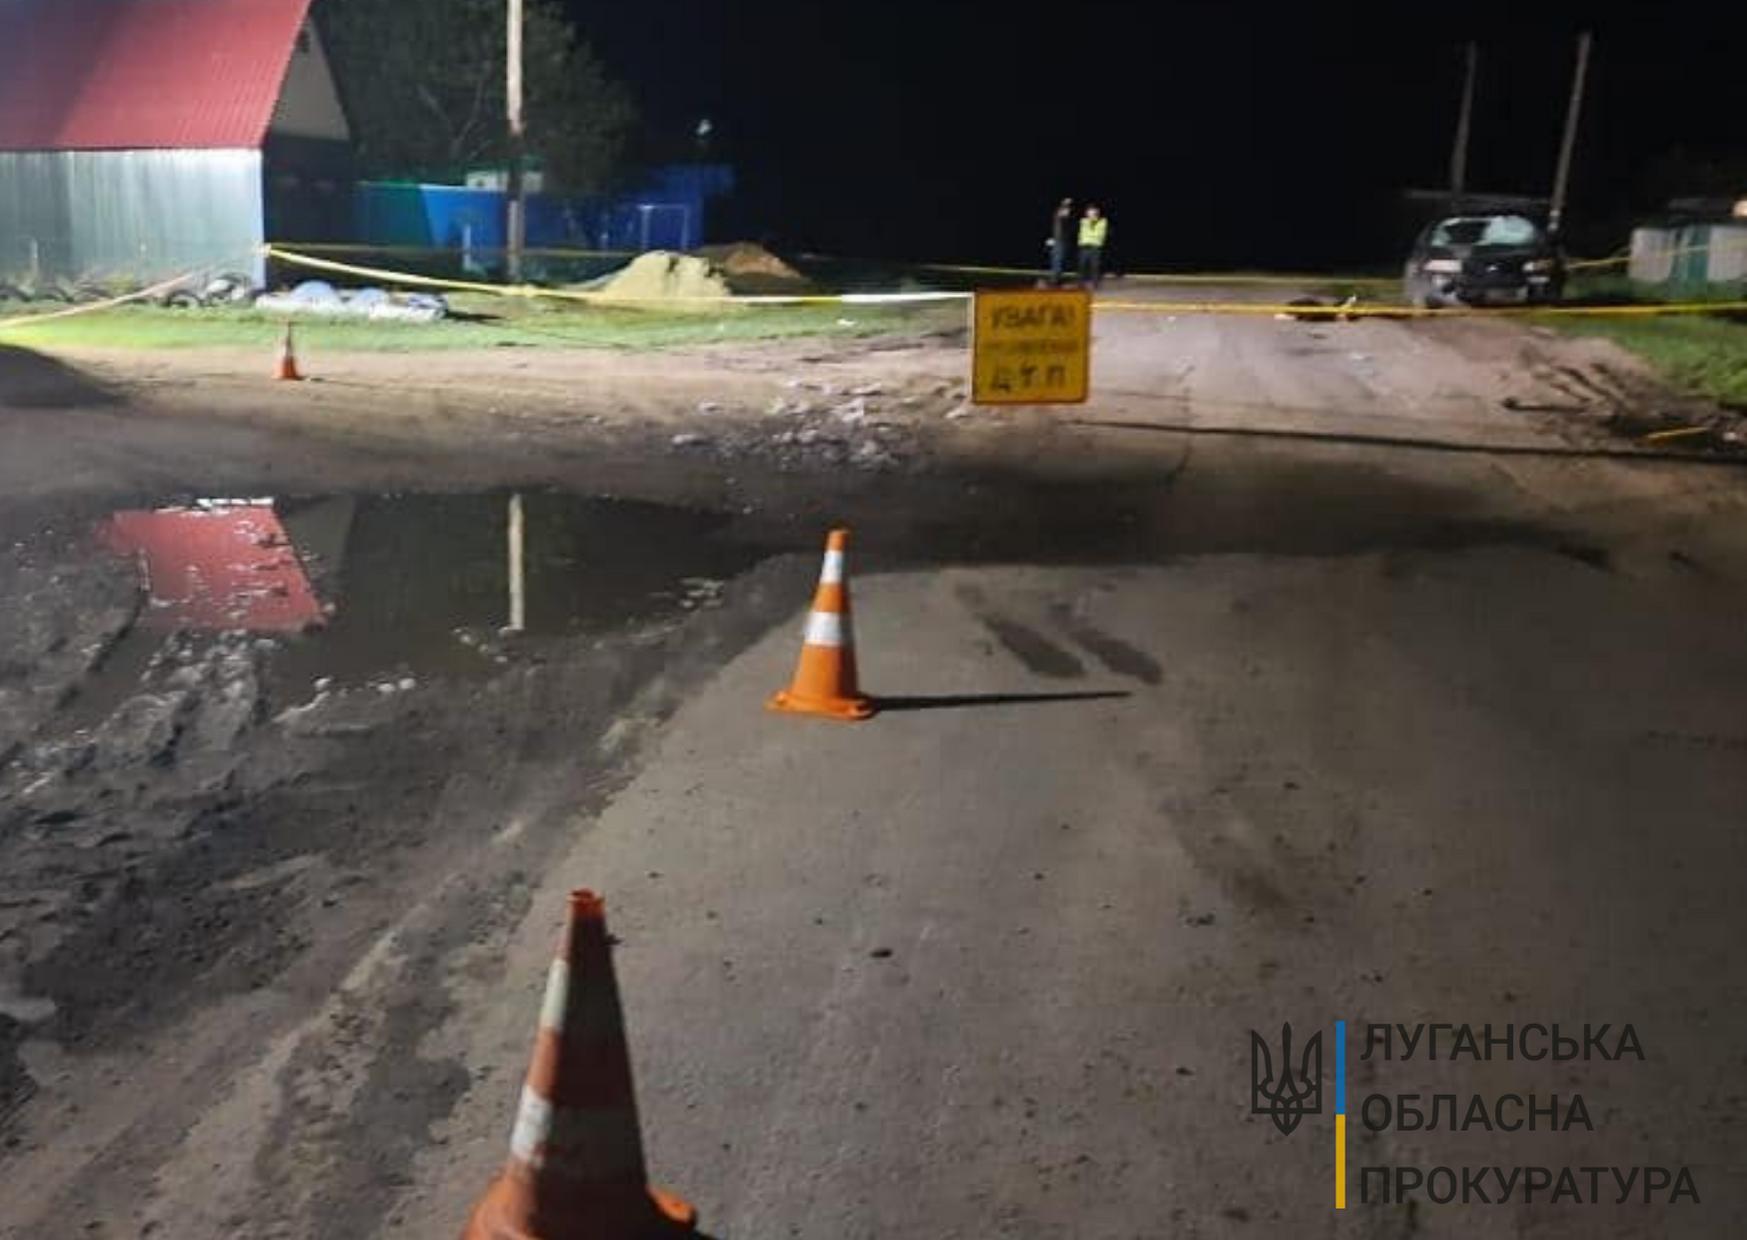 Смертельна ДТП на Луганщині: водія, який скоїв наїзд на чотирьох підлітків, взято під варту без права внесення застави